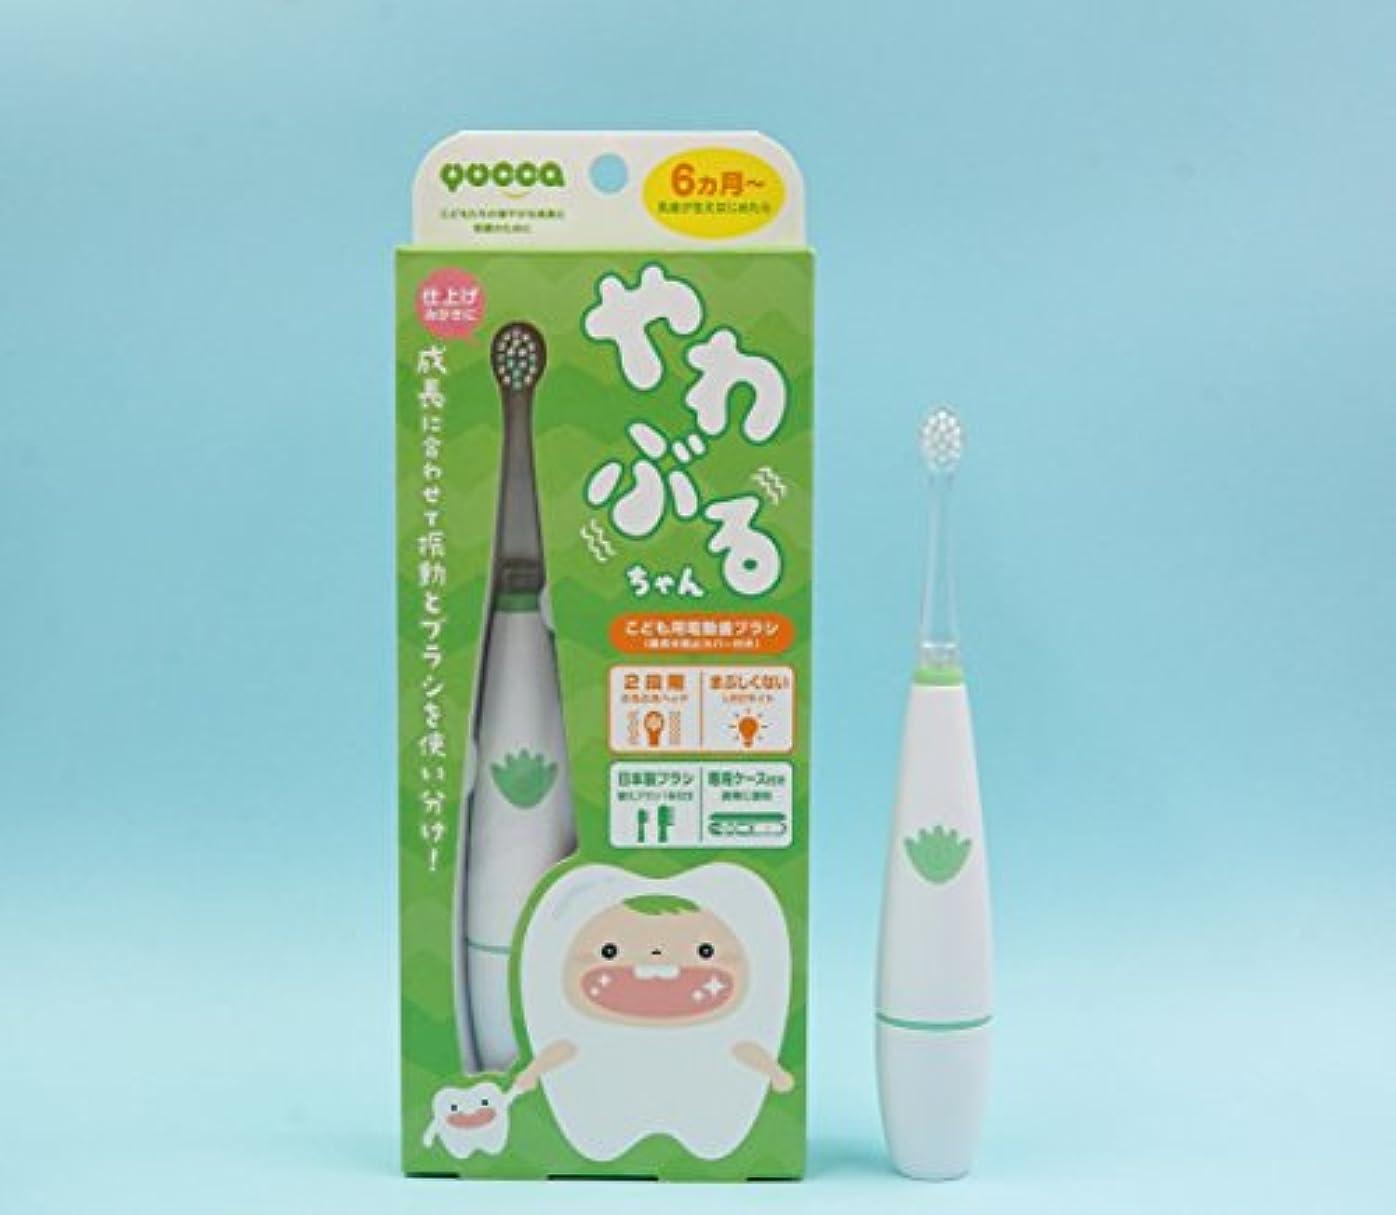 どっちプラスチック参照やわぶるちゃん こども用電動歯ブラシ